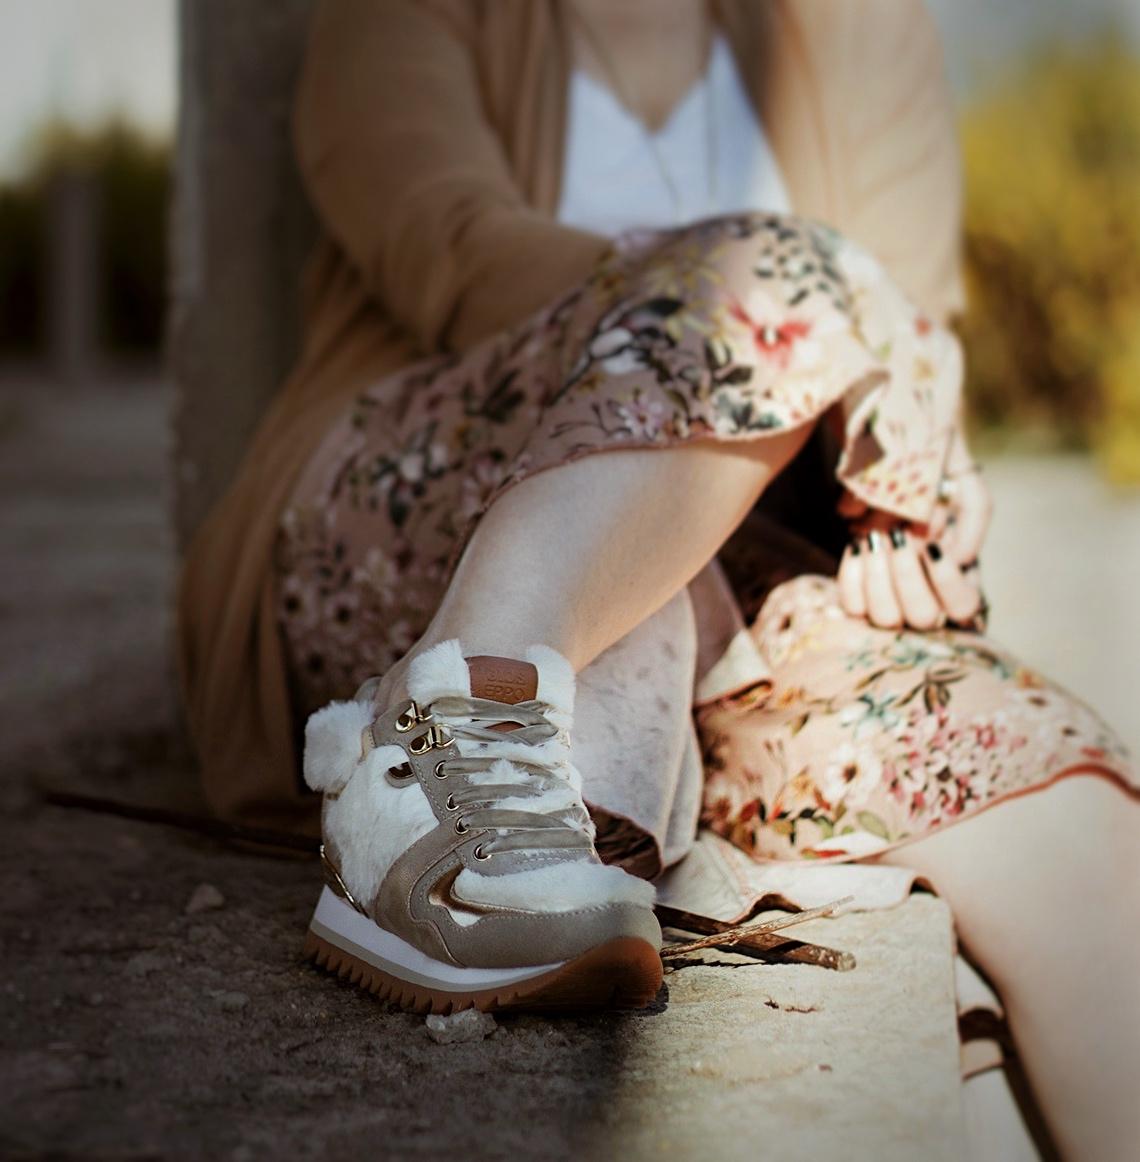 scarpe con la pelliccia